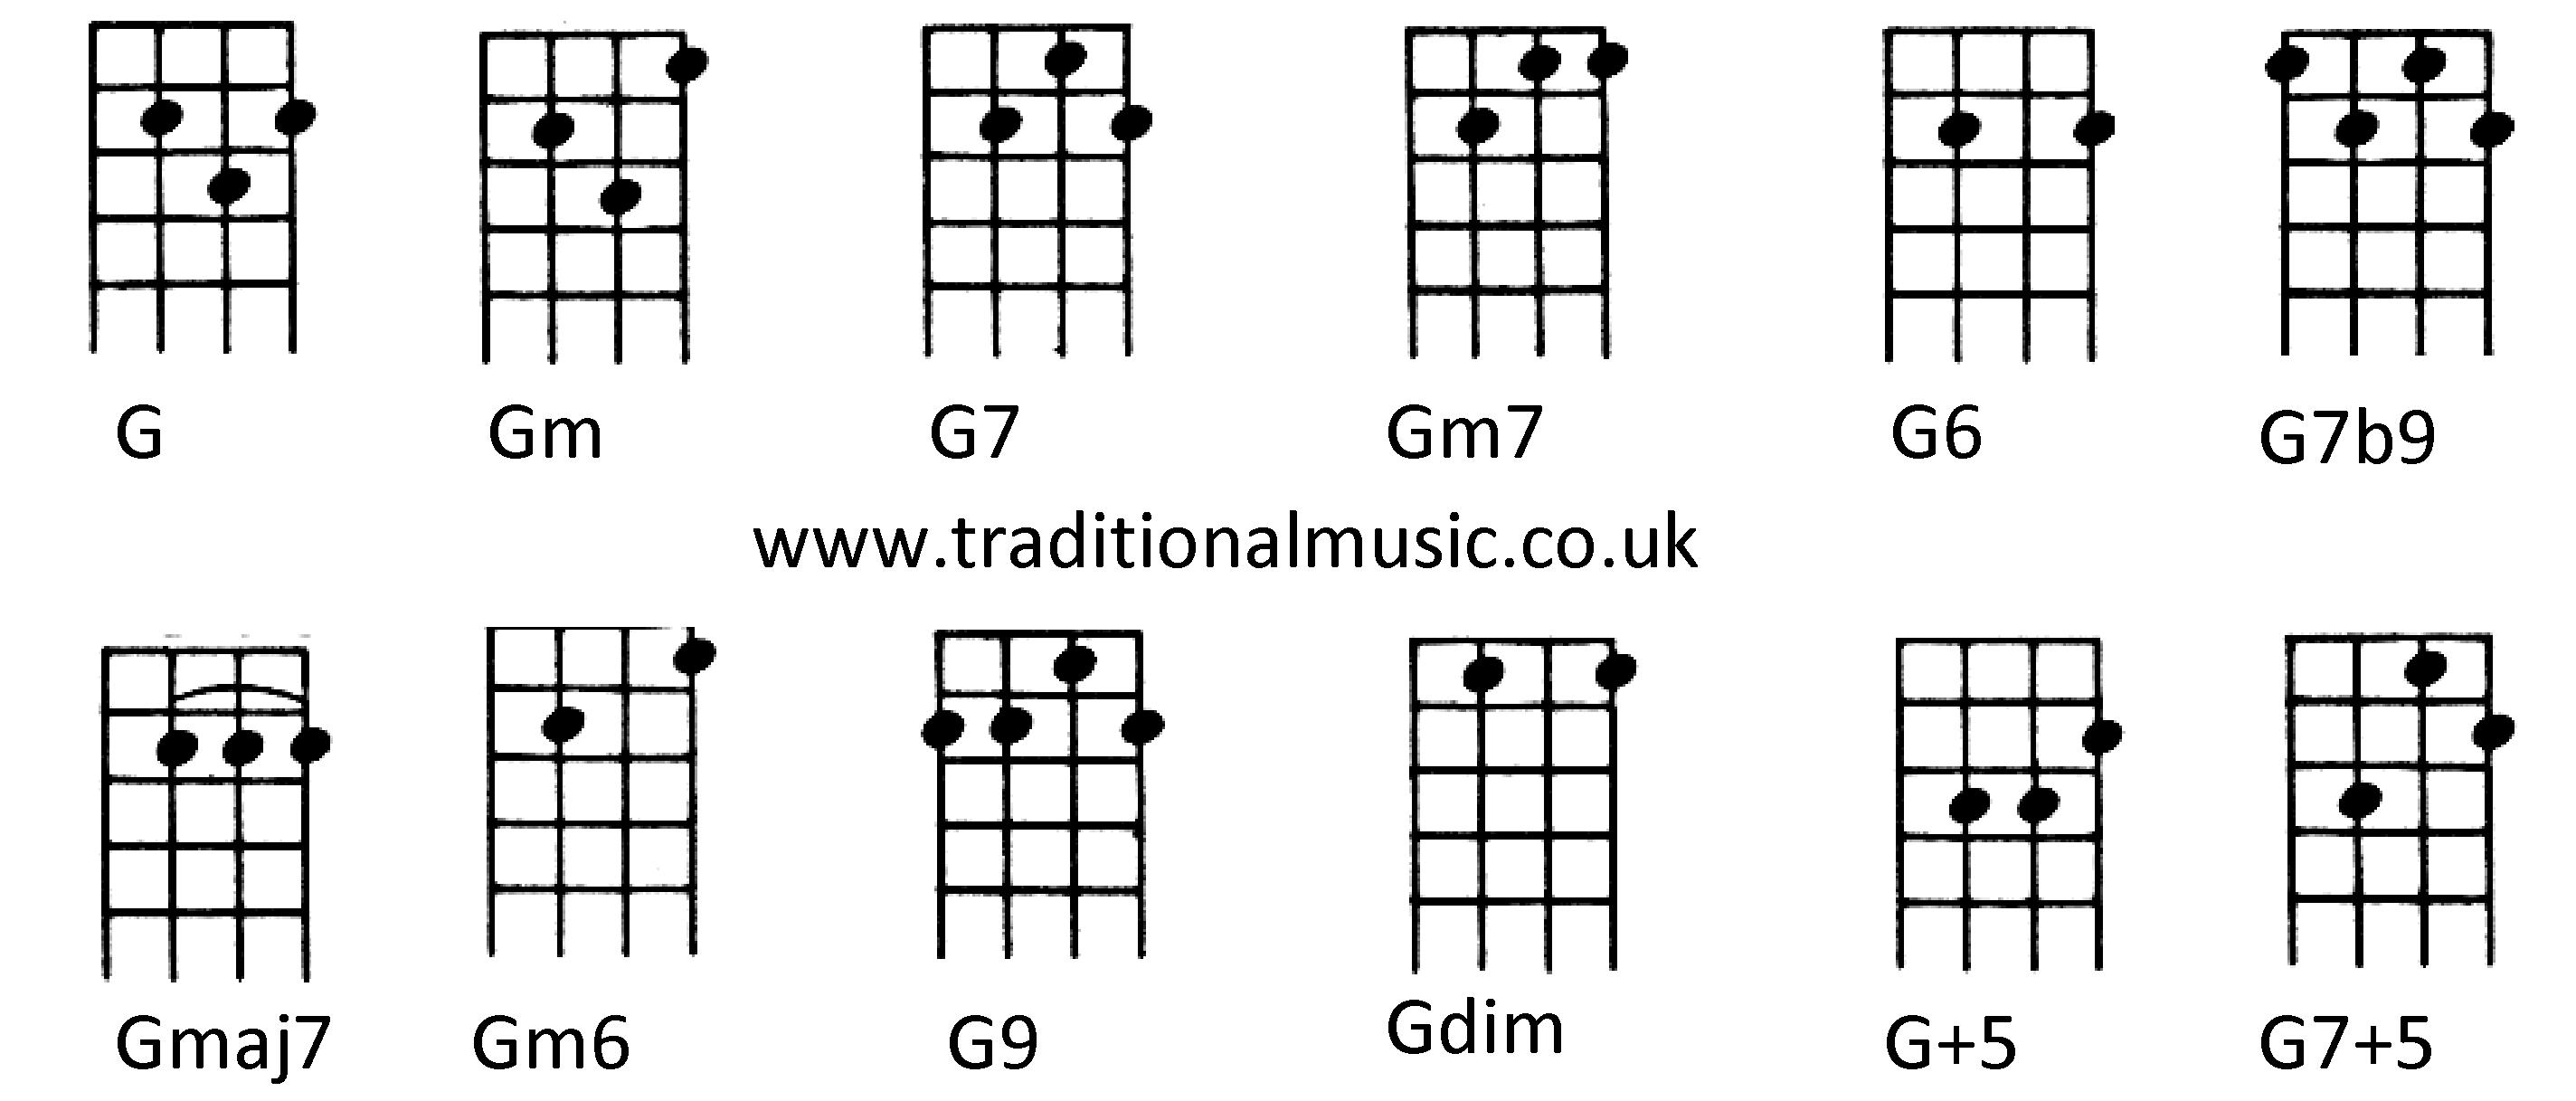 Chords for Ukulele (C tuning) G Gm G7 Gm7 G6 G7b9 Gmaj7